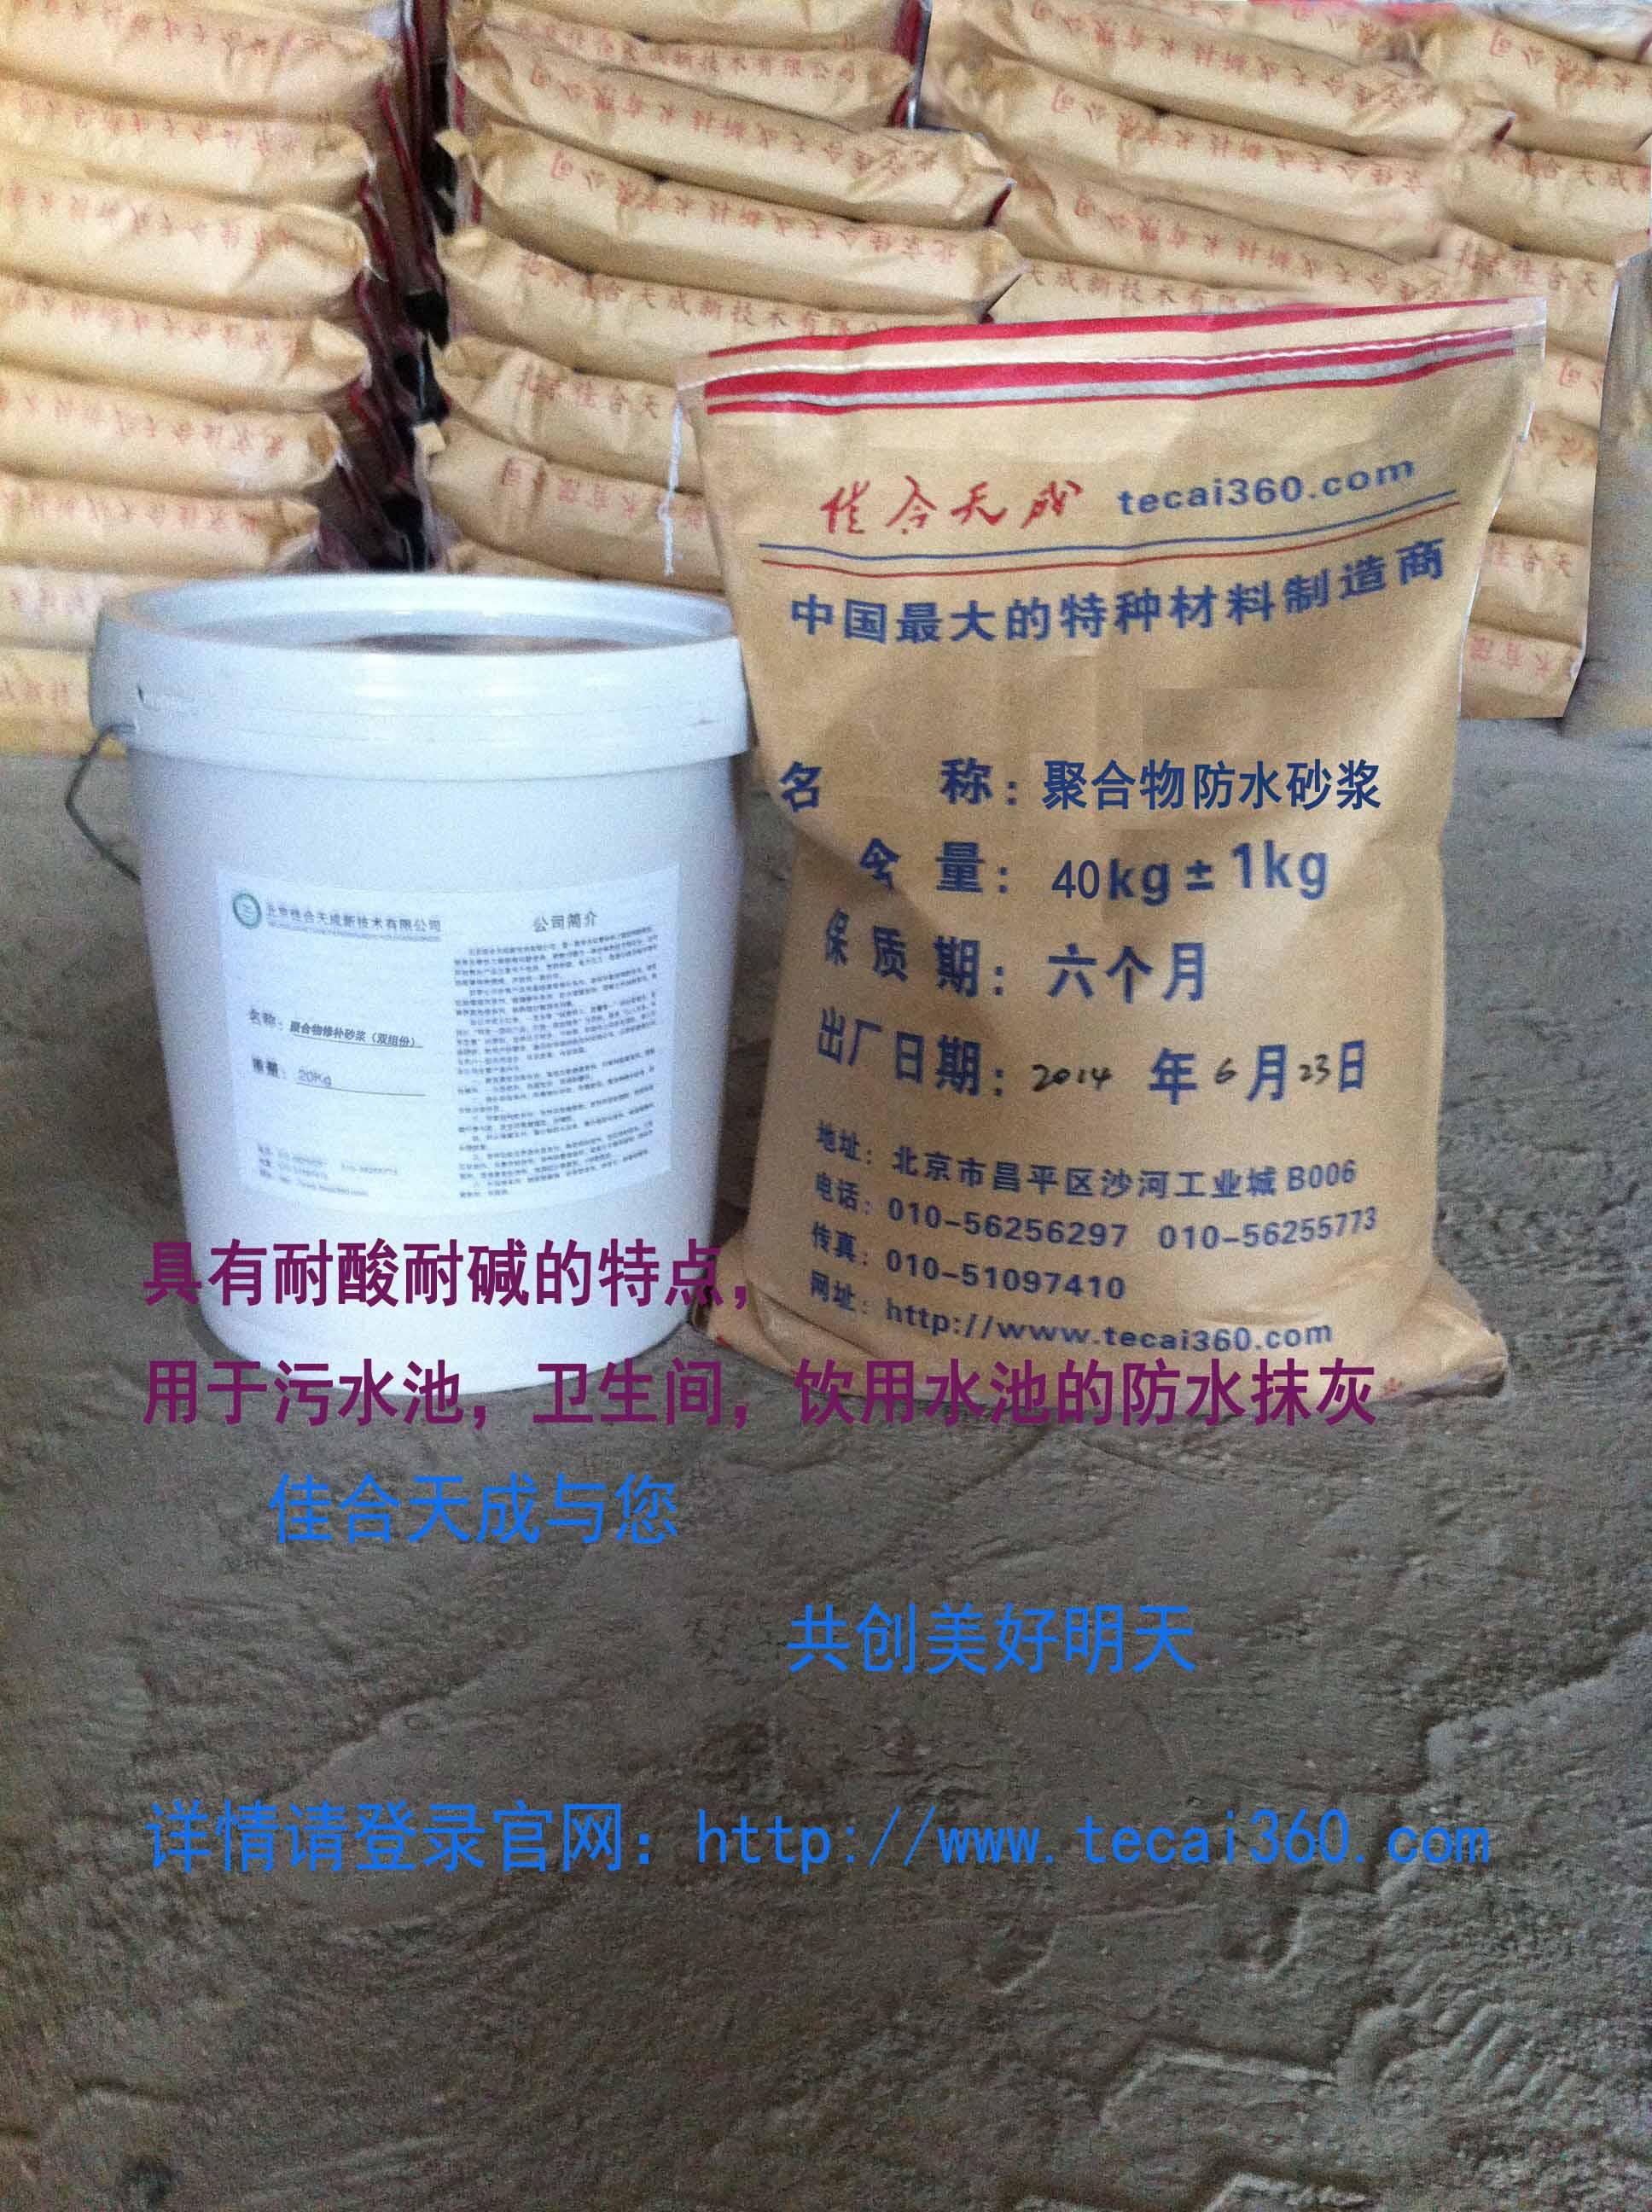 聚合物防水灰浆(耐酸碱防水灰浆) 质量最好